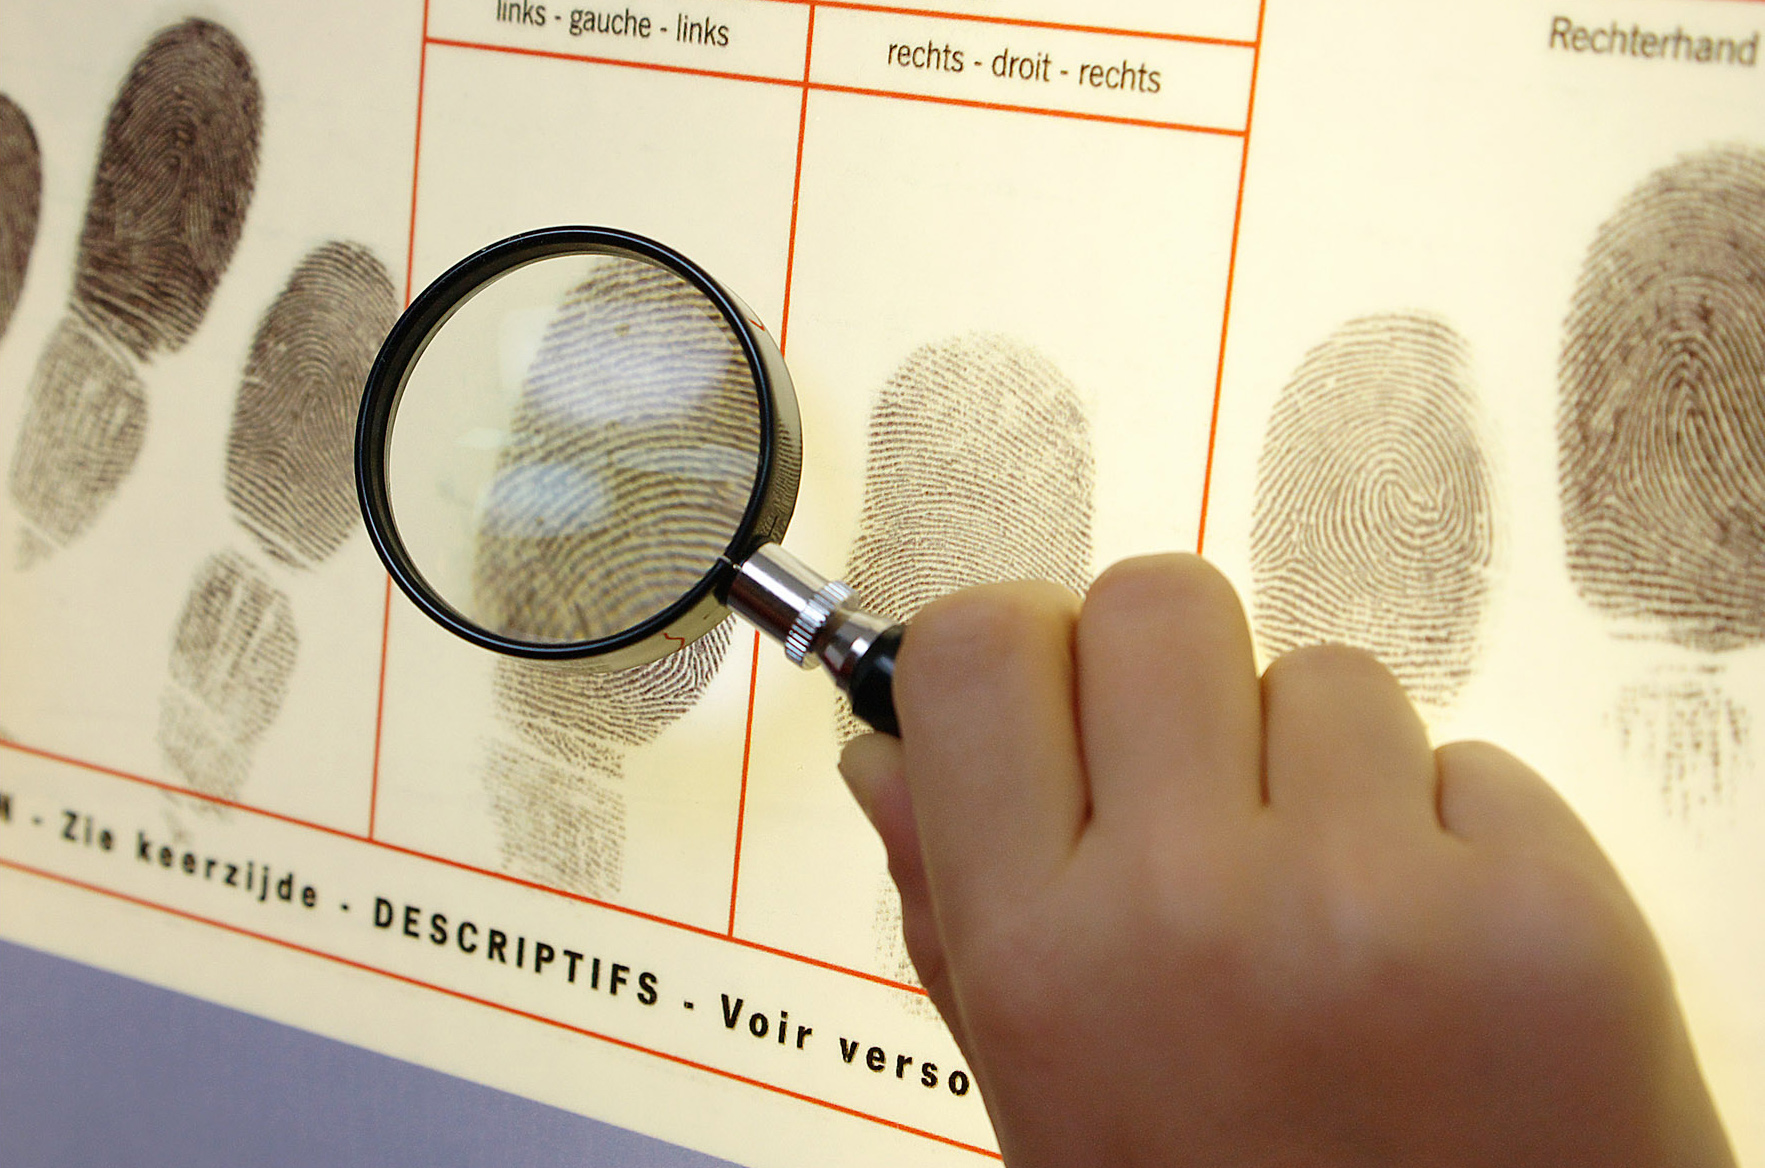 Kaum ein Mord bleibt spurenlos. Ein Vergleich von Fingerabdrücken führt vielleicht zum Täter! Foto: Königlich-Belgisches Institut für Naturwissenschaften